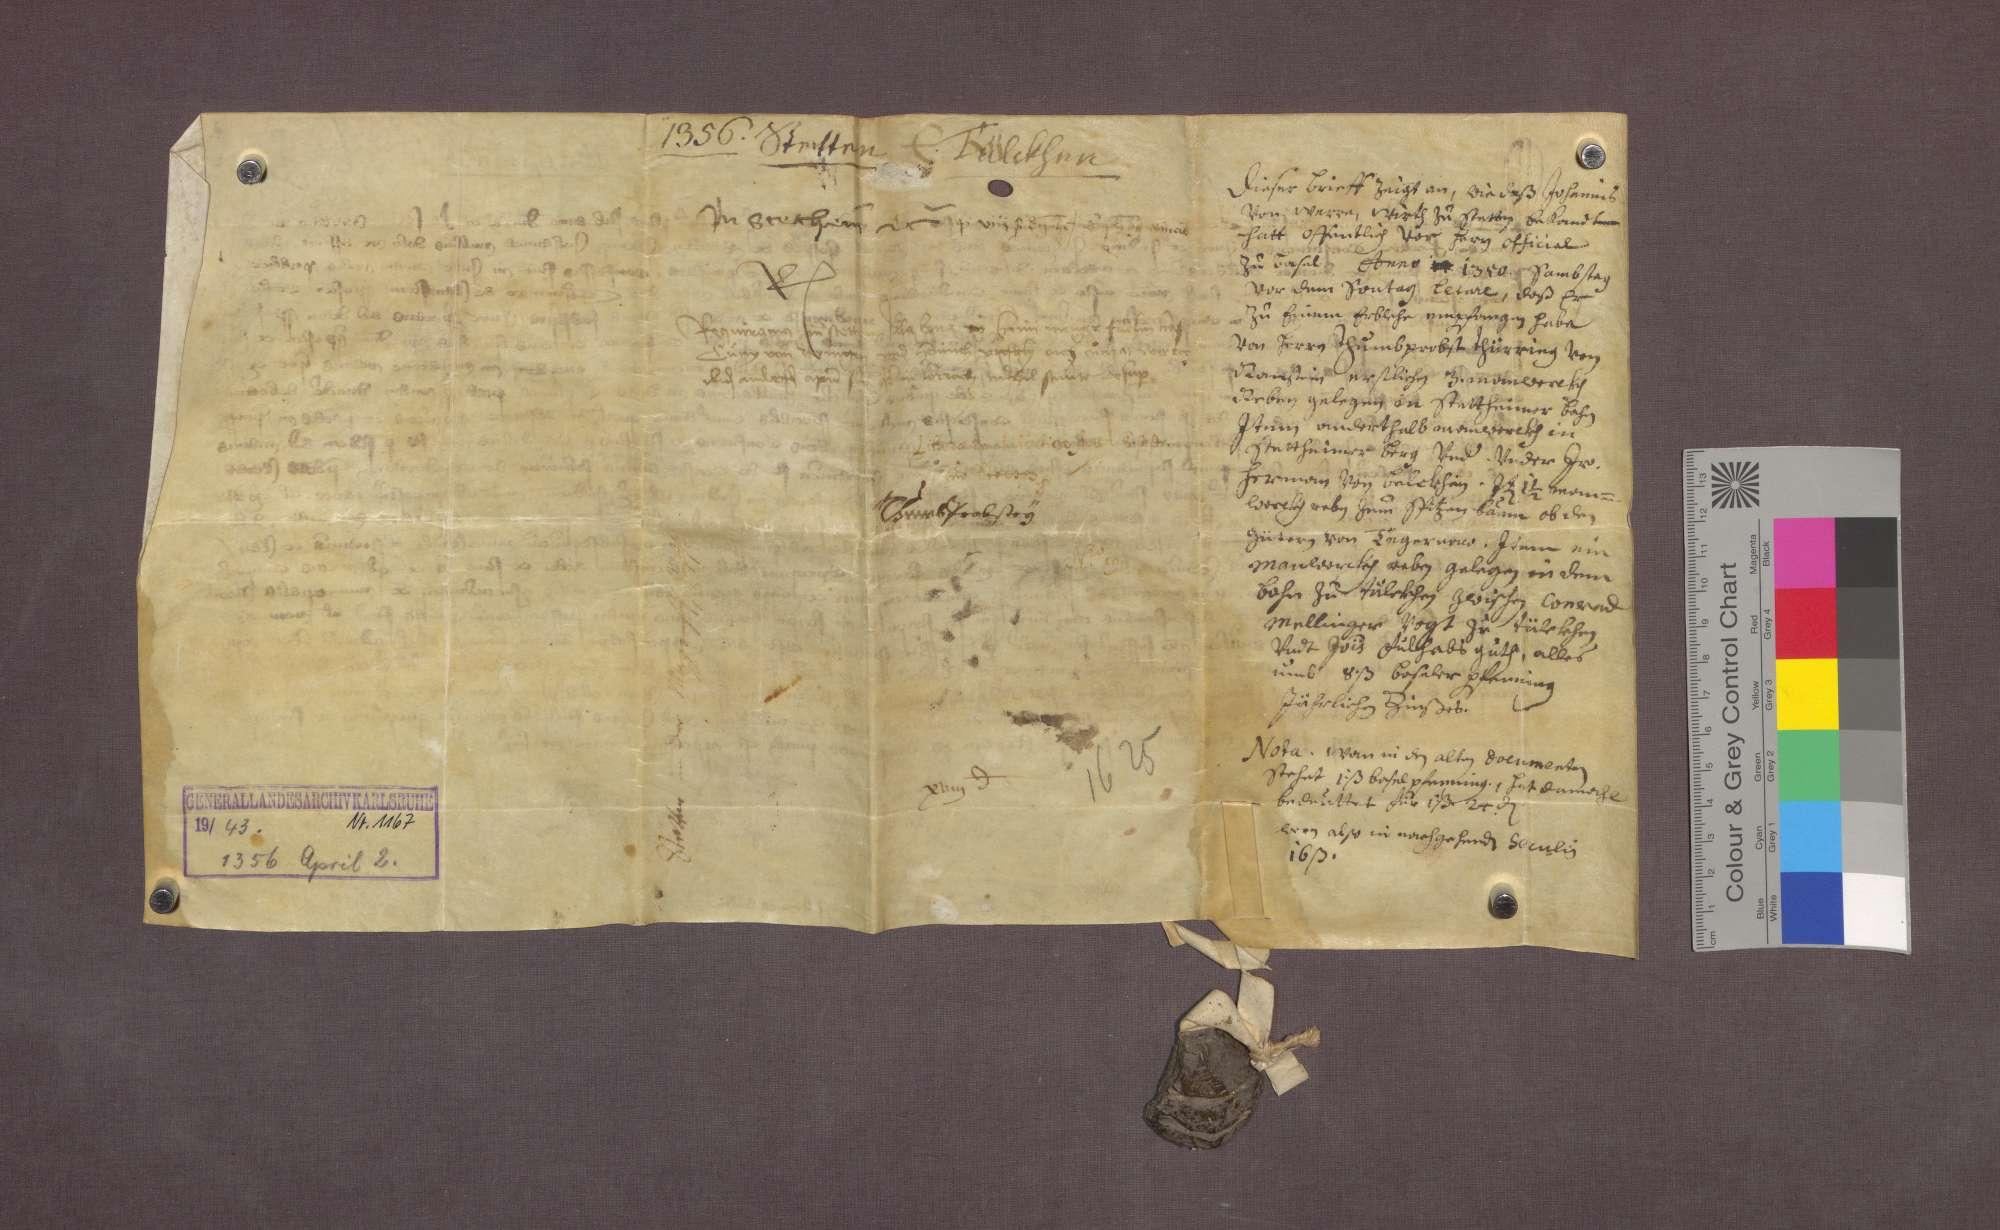 Lehnrevers des Johannes von Wehr, Wirts zu Stetten, gegenüber der Basler Dompropstei., Bild 2